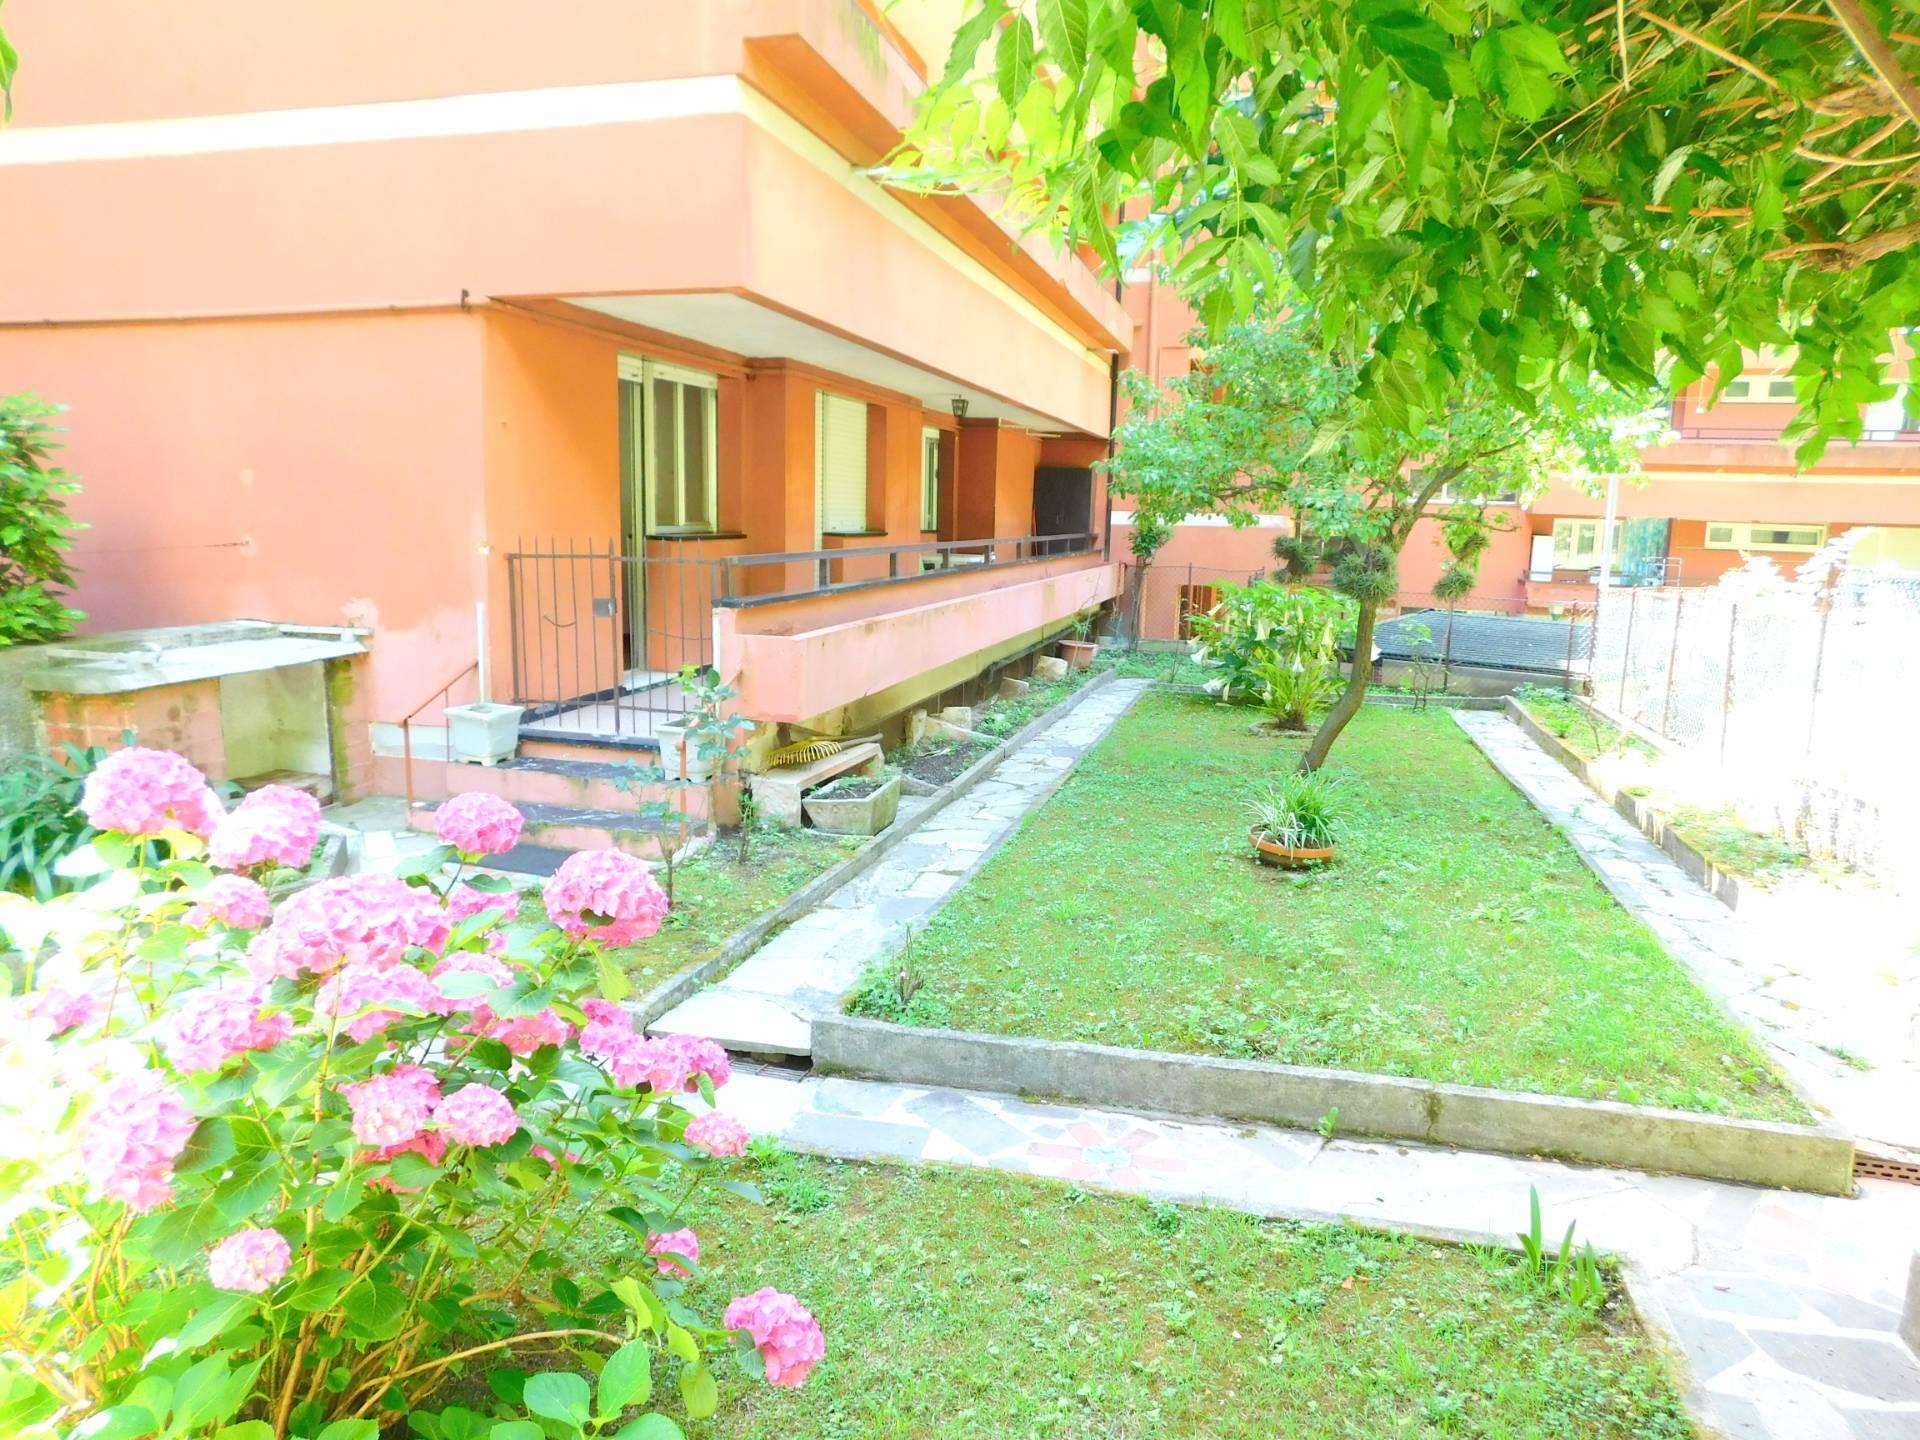 Appartamento in vendita a Genova, 3 locali, zona Località: SestriPonente, prezzo € 190.000 | PortaleAgenzieImmobiliari.it